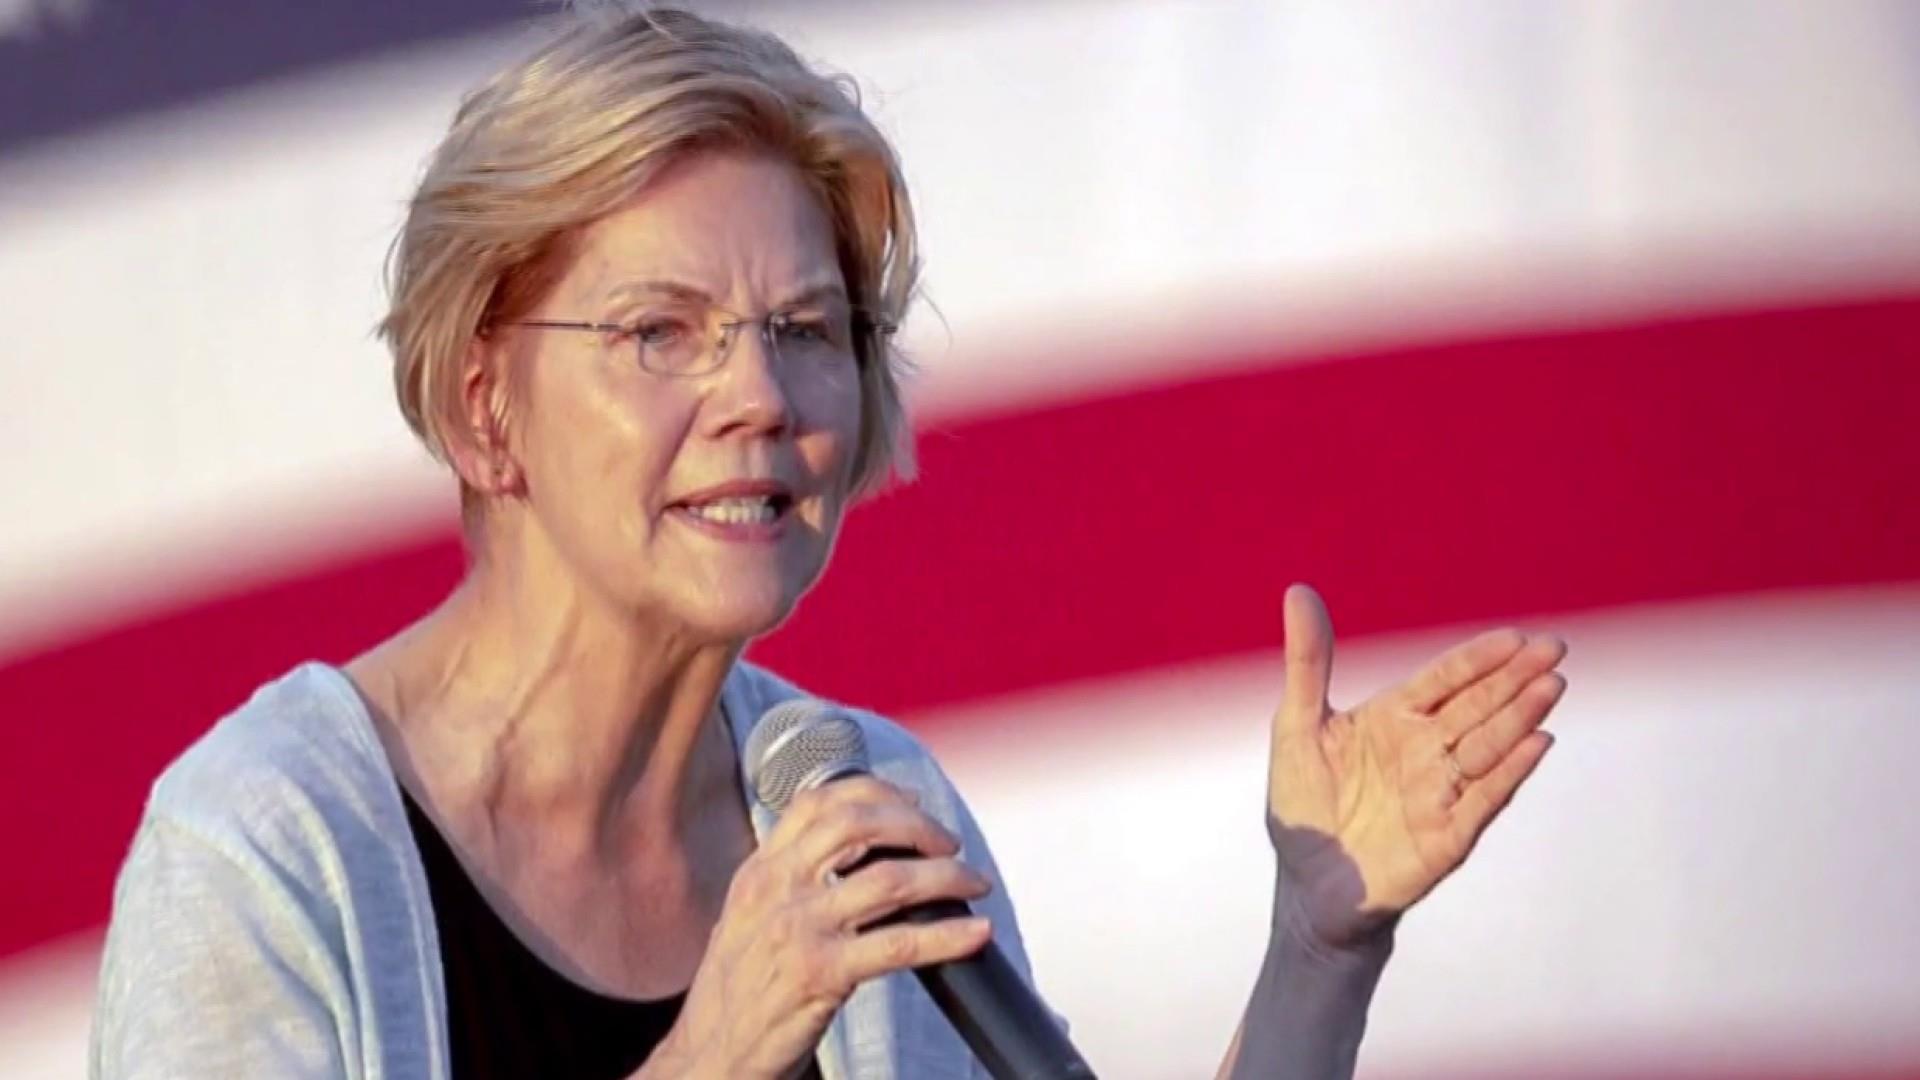 The biases against women running for president